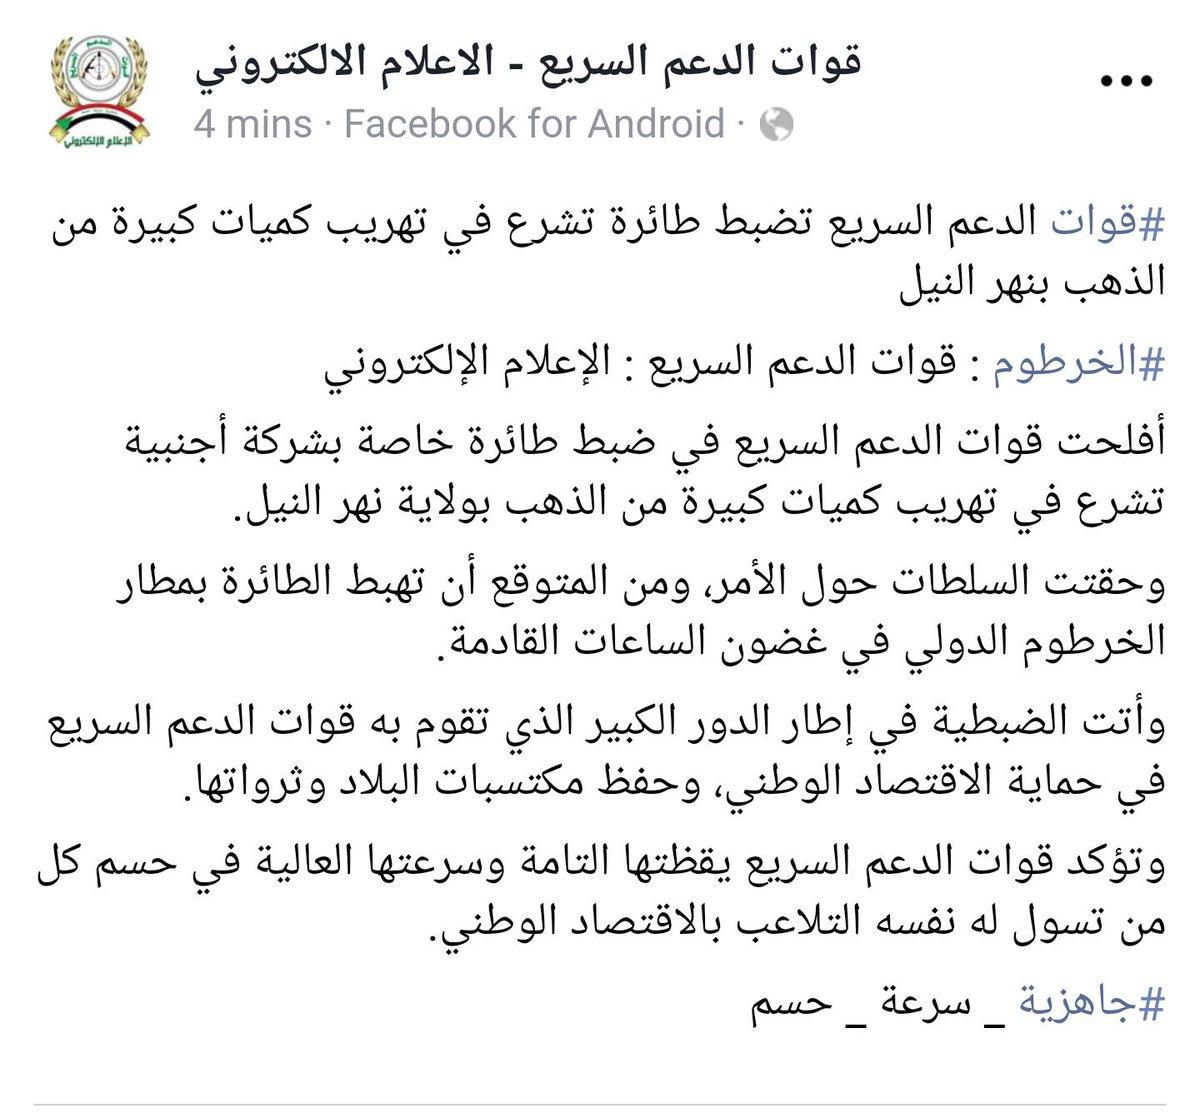 تغطية متجدده للاحداث المتلاحقه في السودان  - صفحة 2 D6HxukGWwAAJhVg